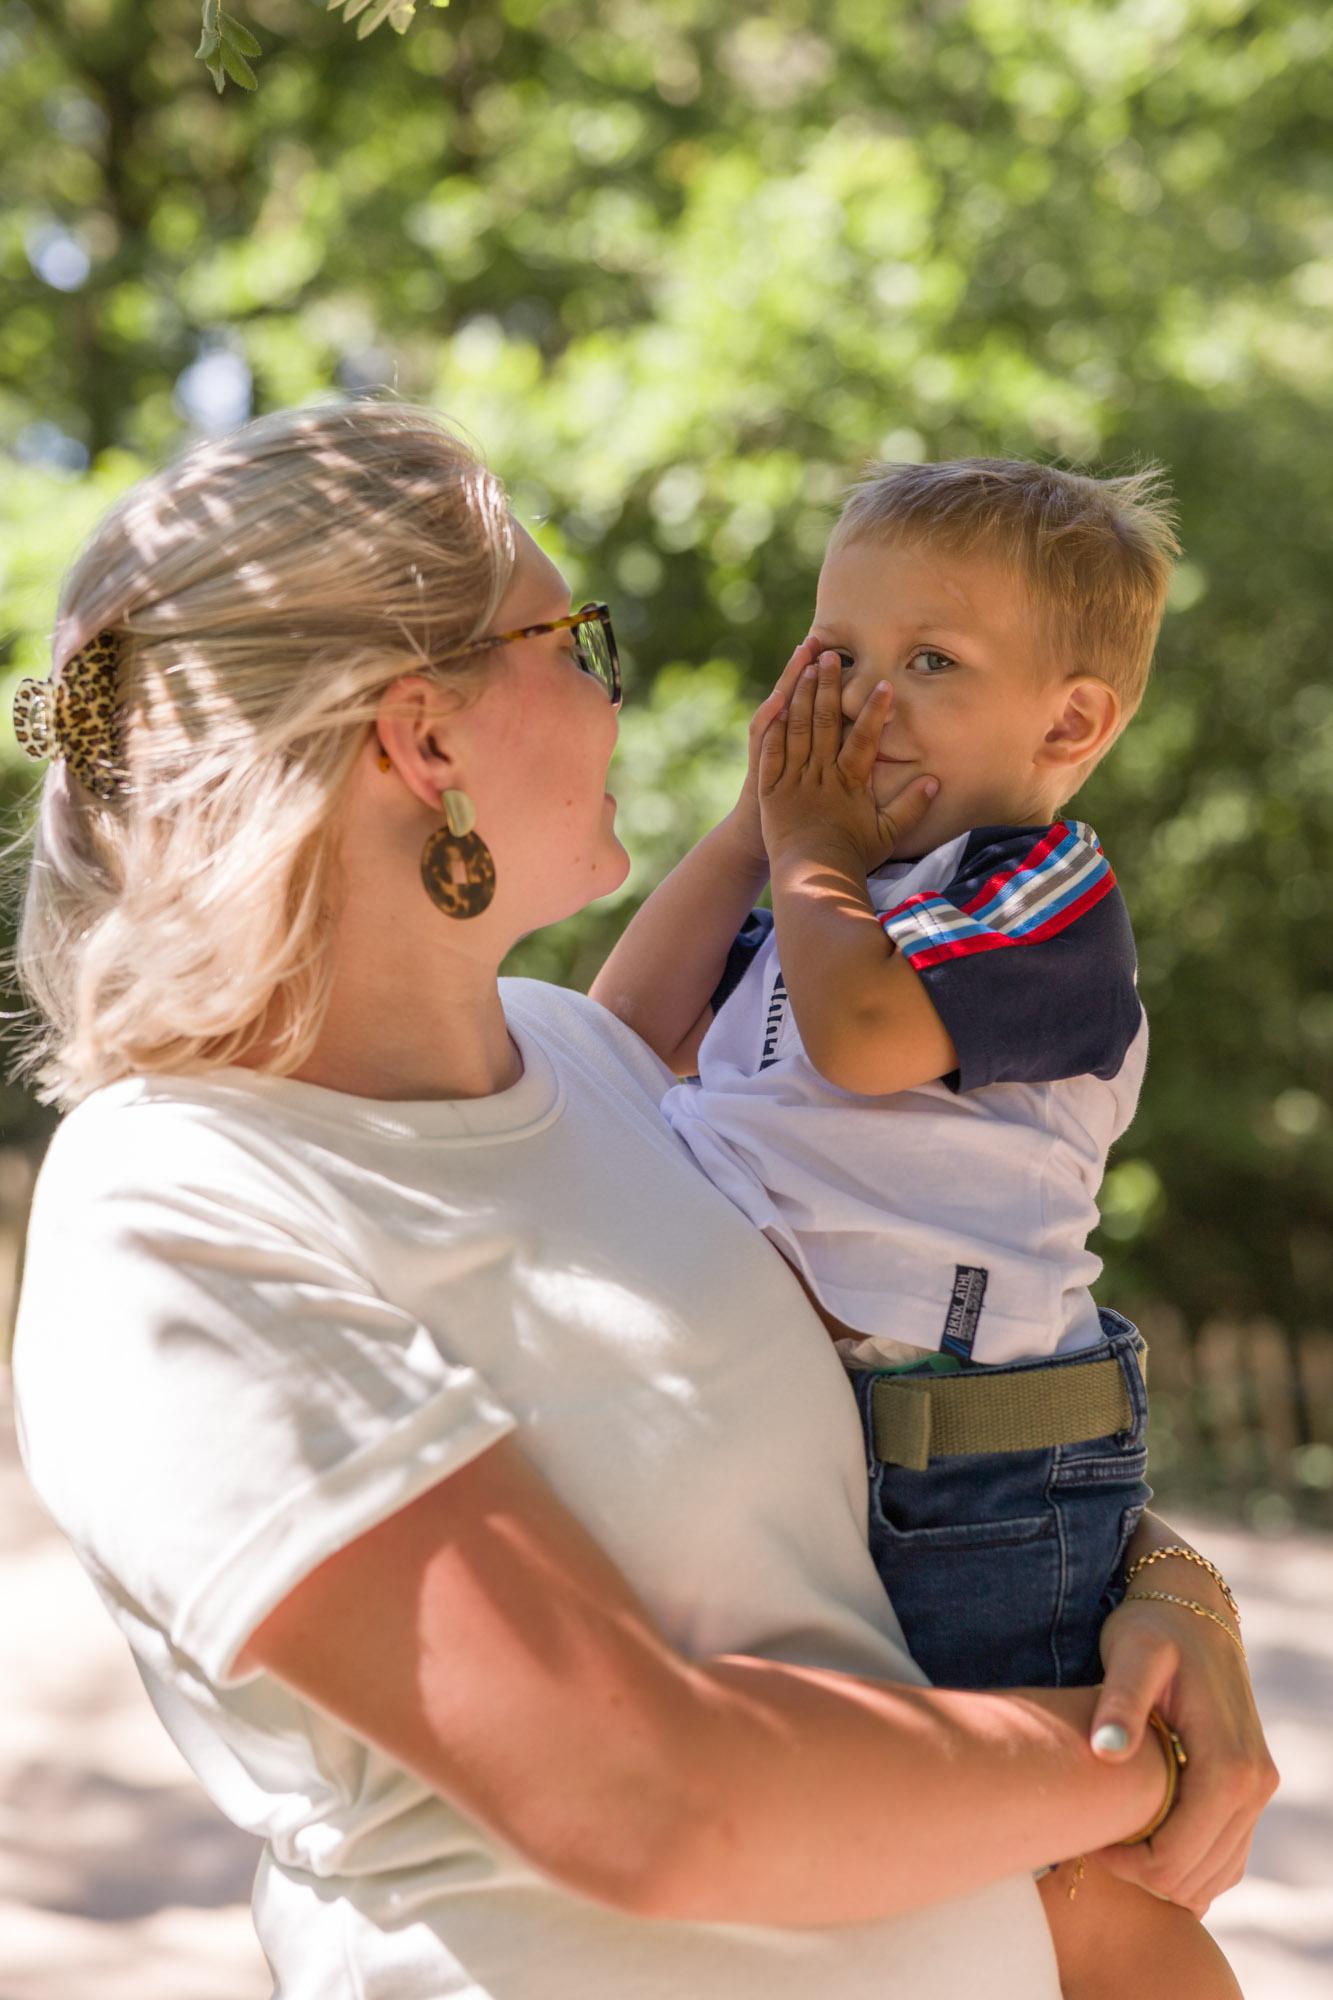 Moeder met zoontje op de arm tijdens gezinsfotoshoot door MayraFotografie